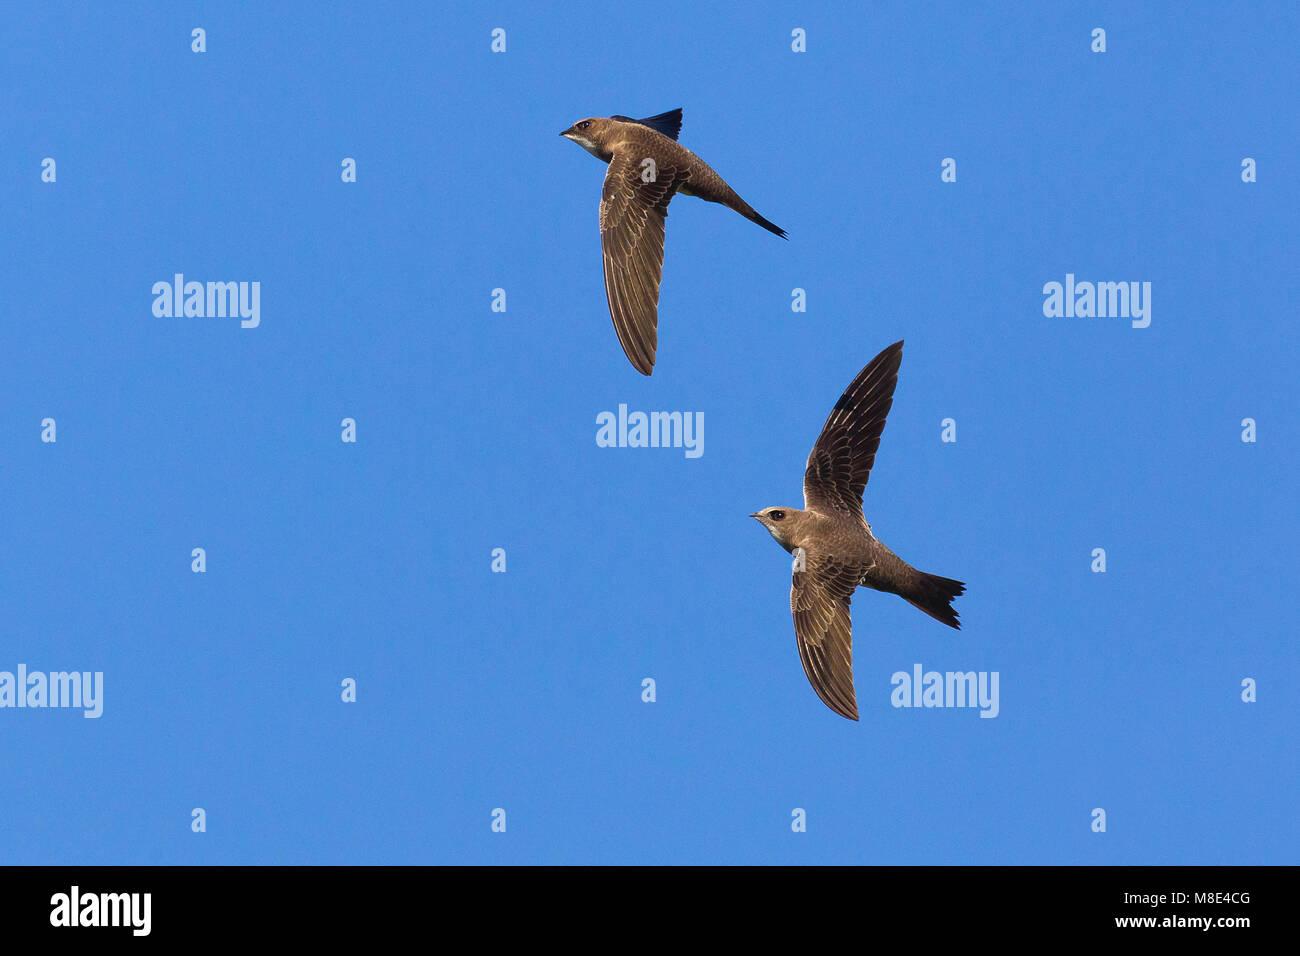 twee Alpengierzwaluwen in de vlucht; Two Alpine Swifts in flight - Stock Image